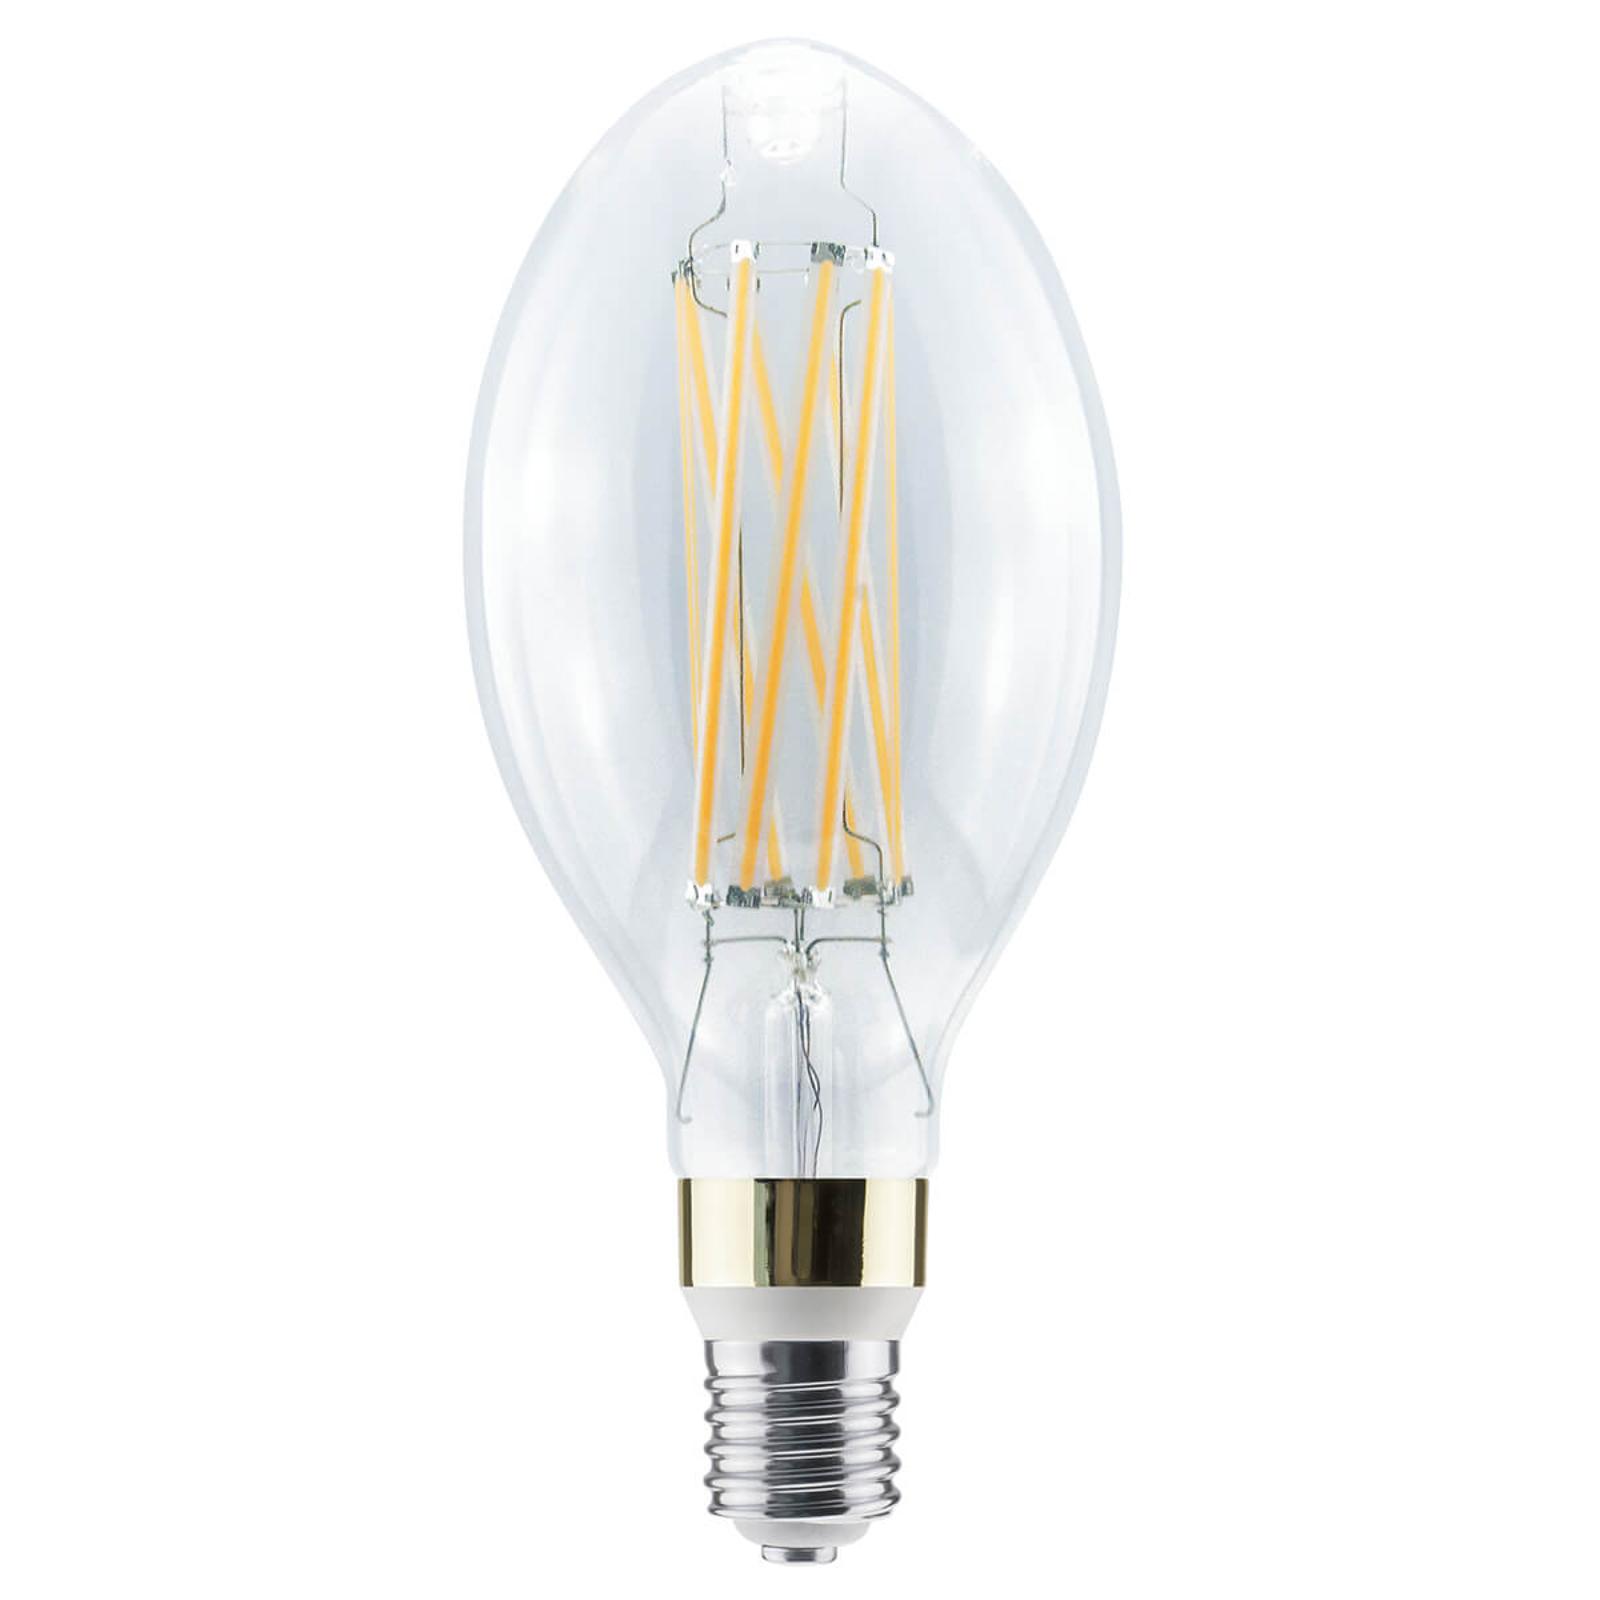 LED-Ellipse E40 40W universalhvit 4250 lumen